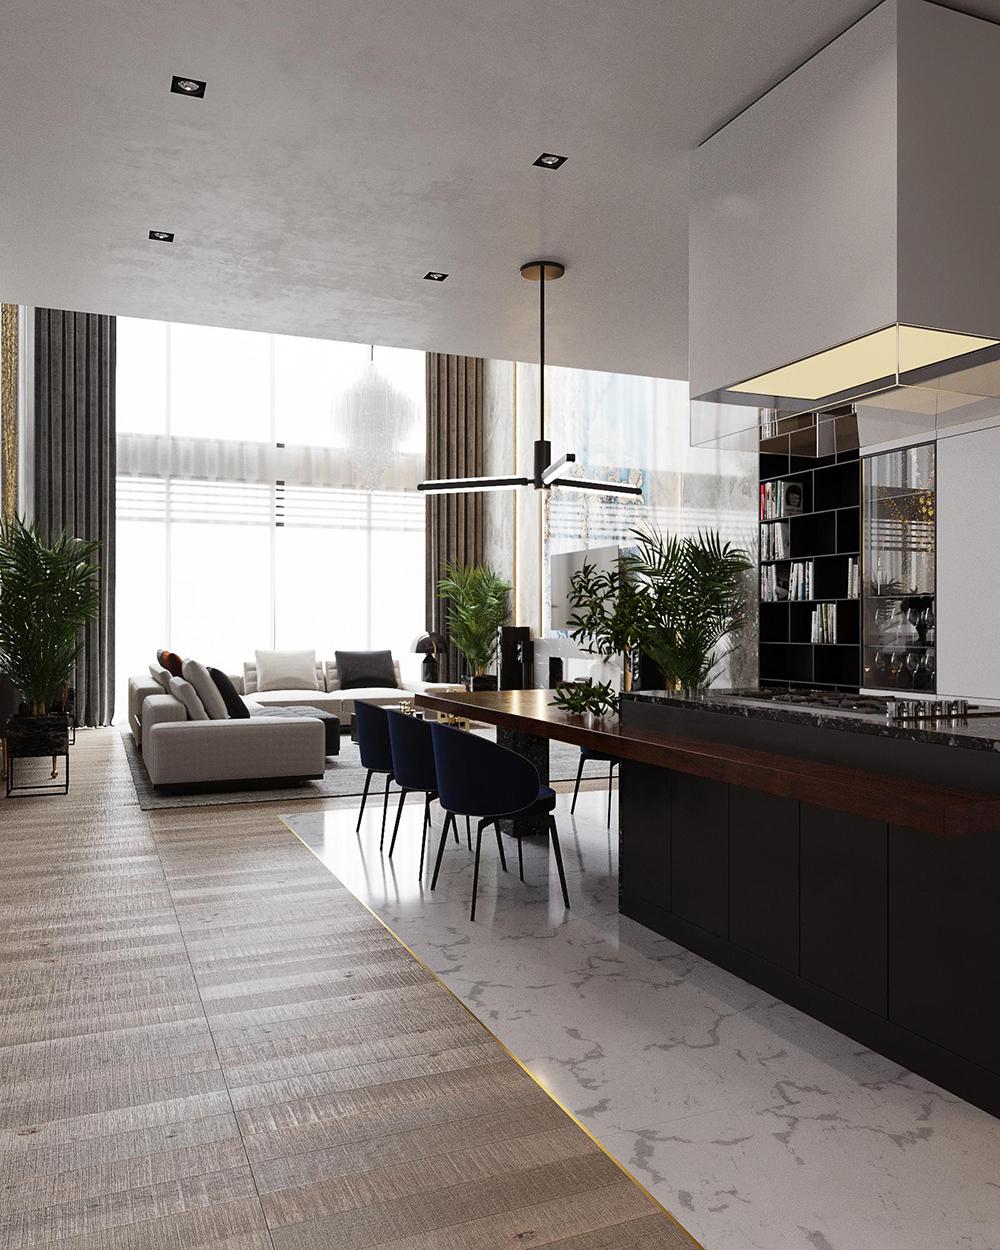 Triệu Gia thực hiện thi công trọn gói, cải tạo nhà ở theo yêu cầu của khách hàng.